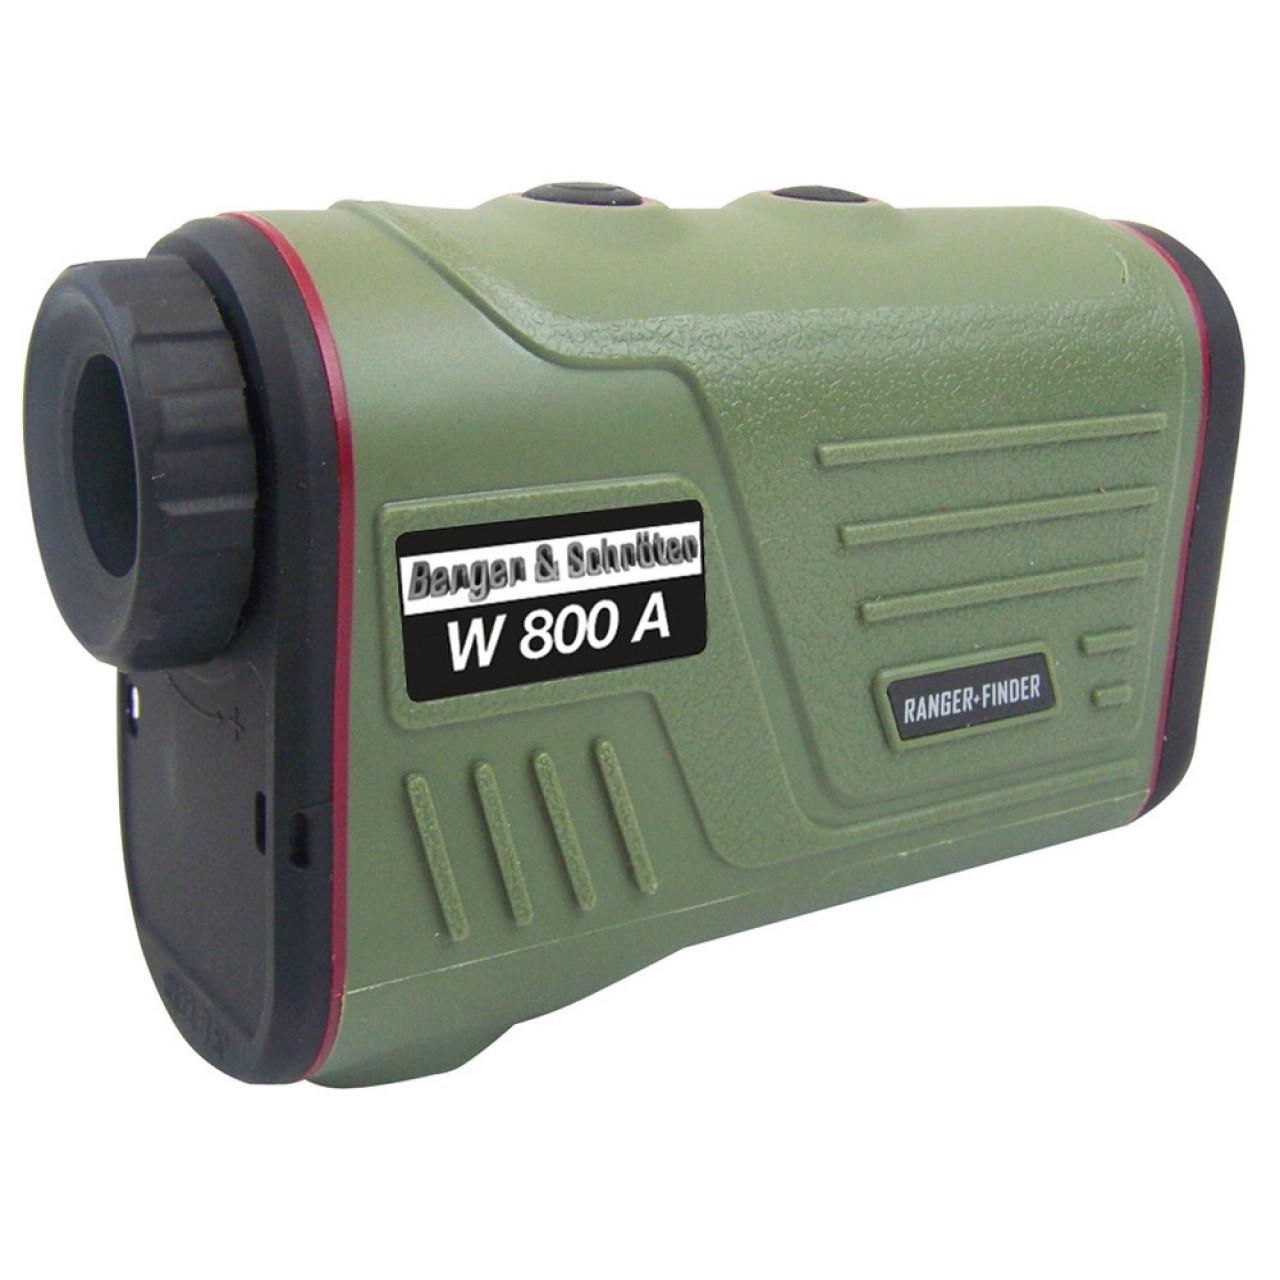 Laser Entfernungsmesser Fernglas : Laser entfernungsmesser m im faie shop de